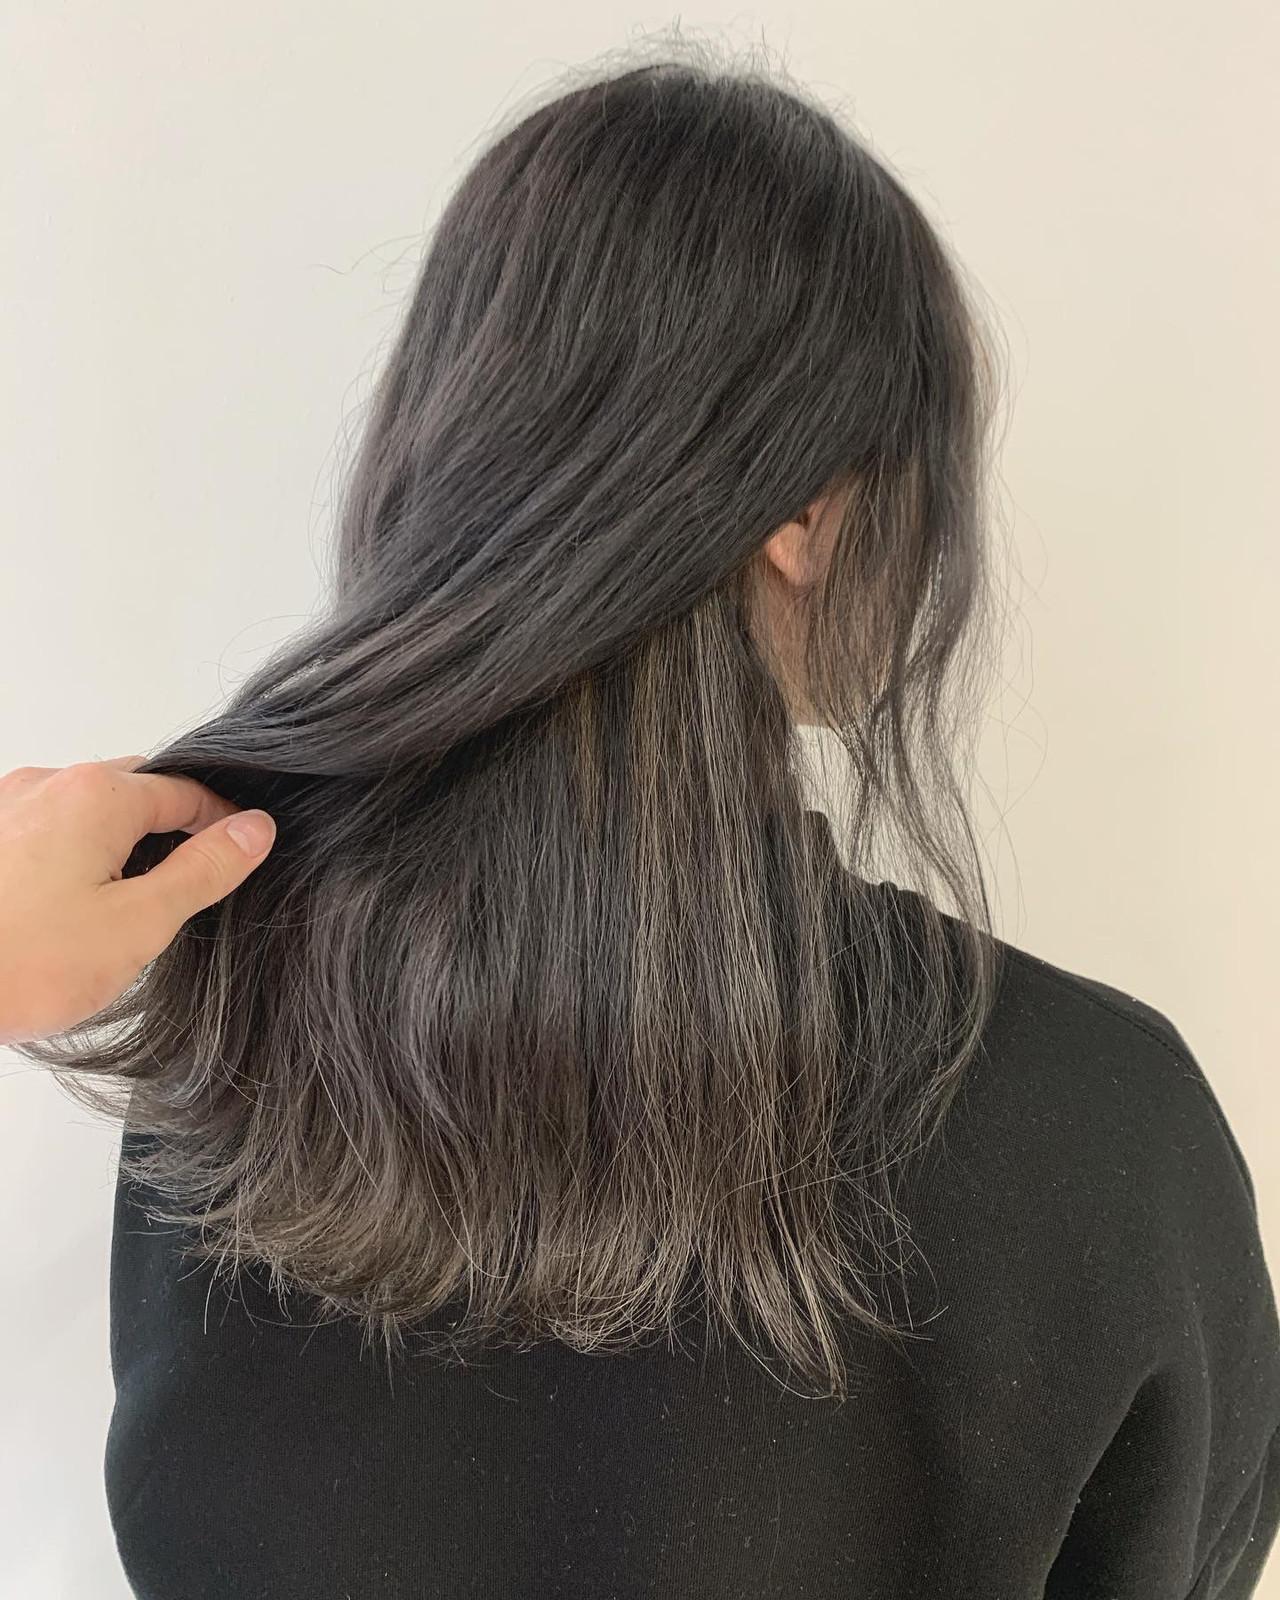 シルバー インナーカラー ロング ガーリー ヘアスタイルや髪型の写真・画像